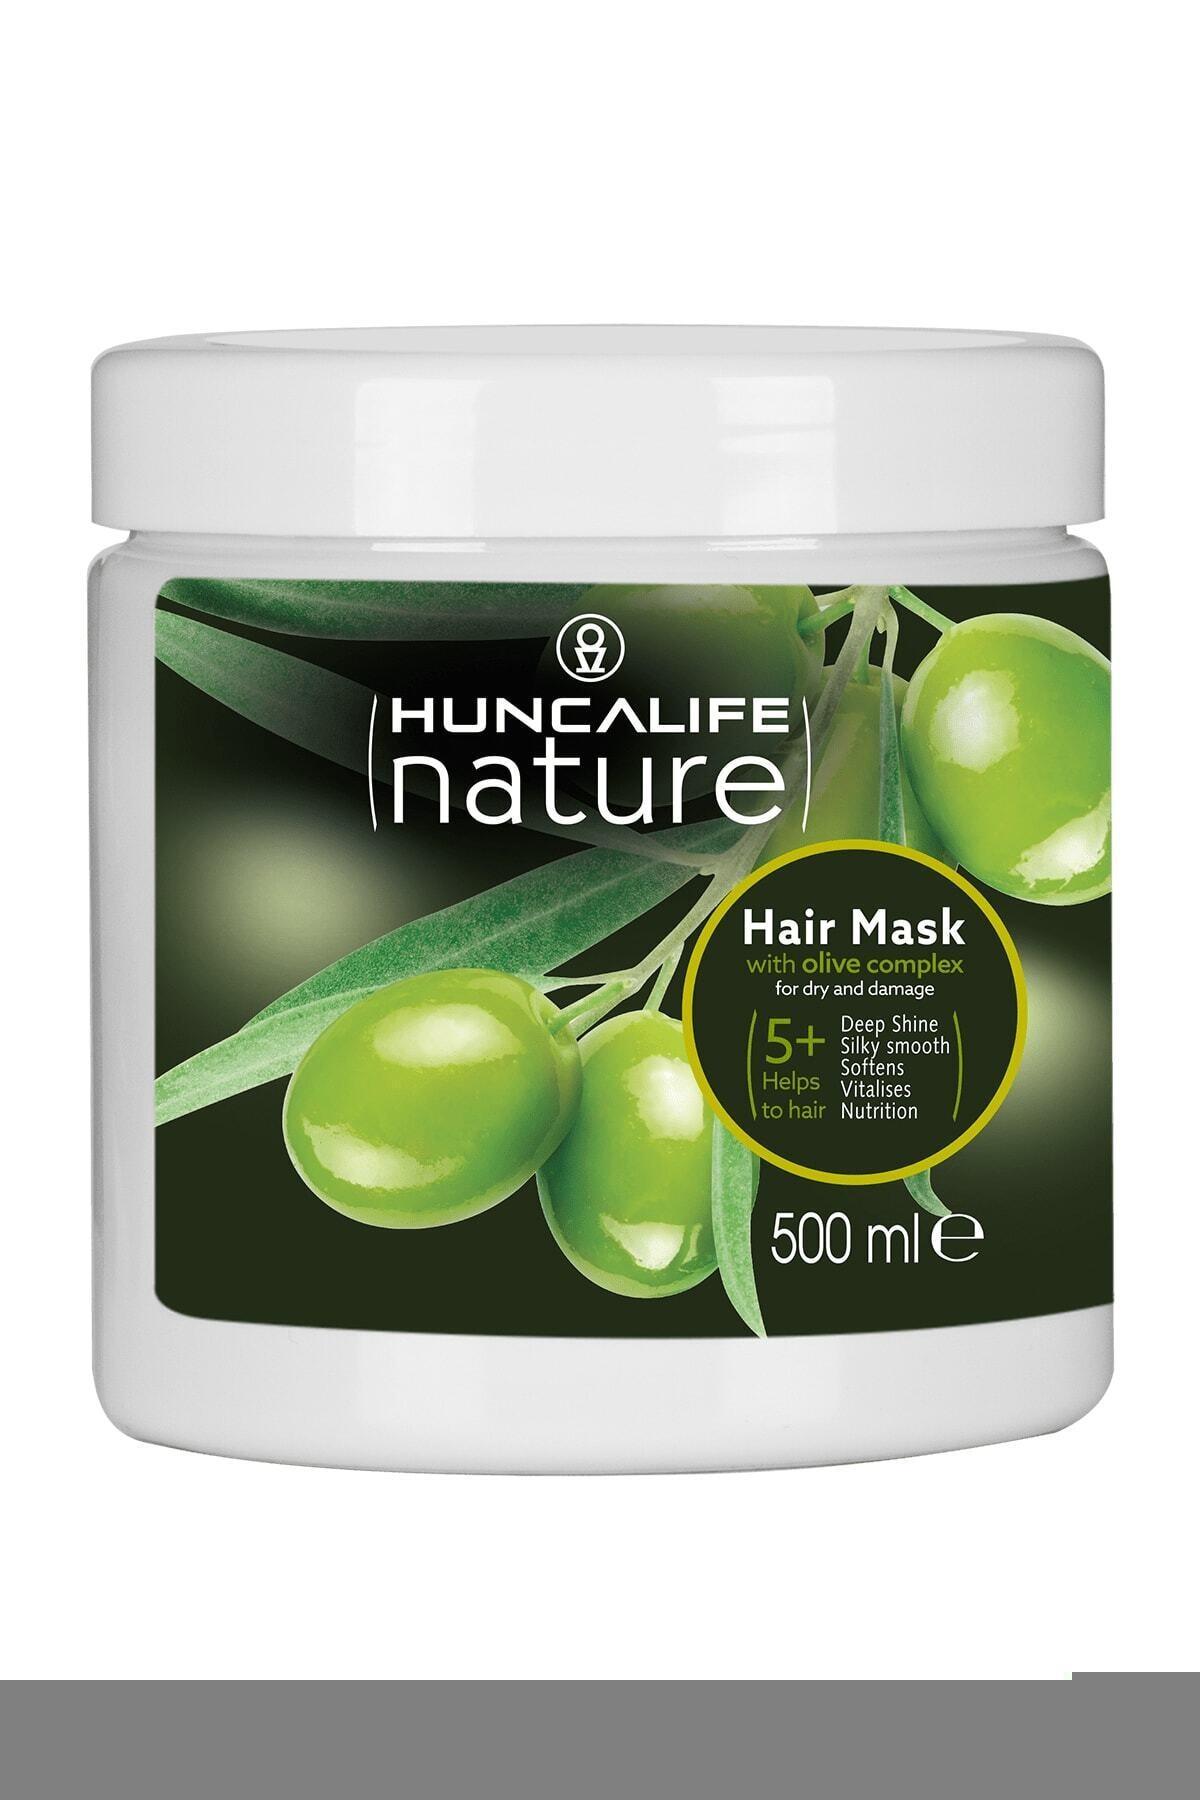 Huncalife Zeytinyağlı Saç Maskesi 500 ml 8690973715401 1